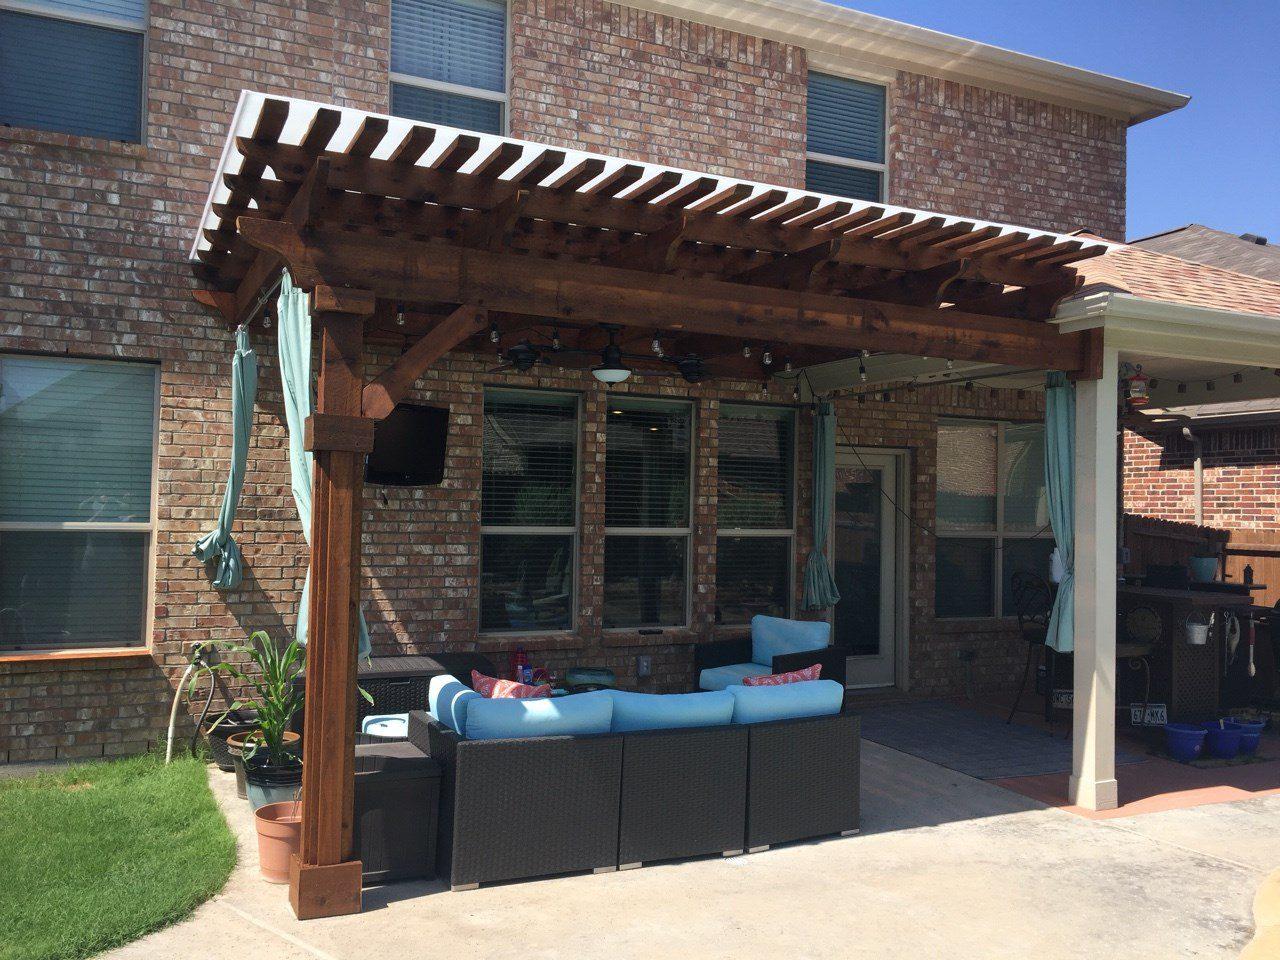   Beautiful Backyard Living   Patio Covers   Swimming ... on Backyard Patio Covers  id=27704